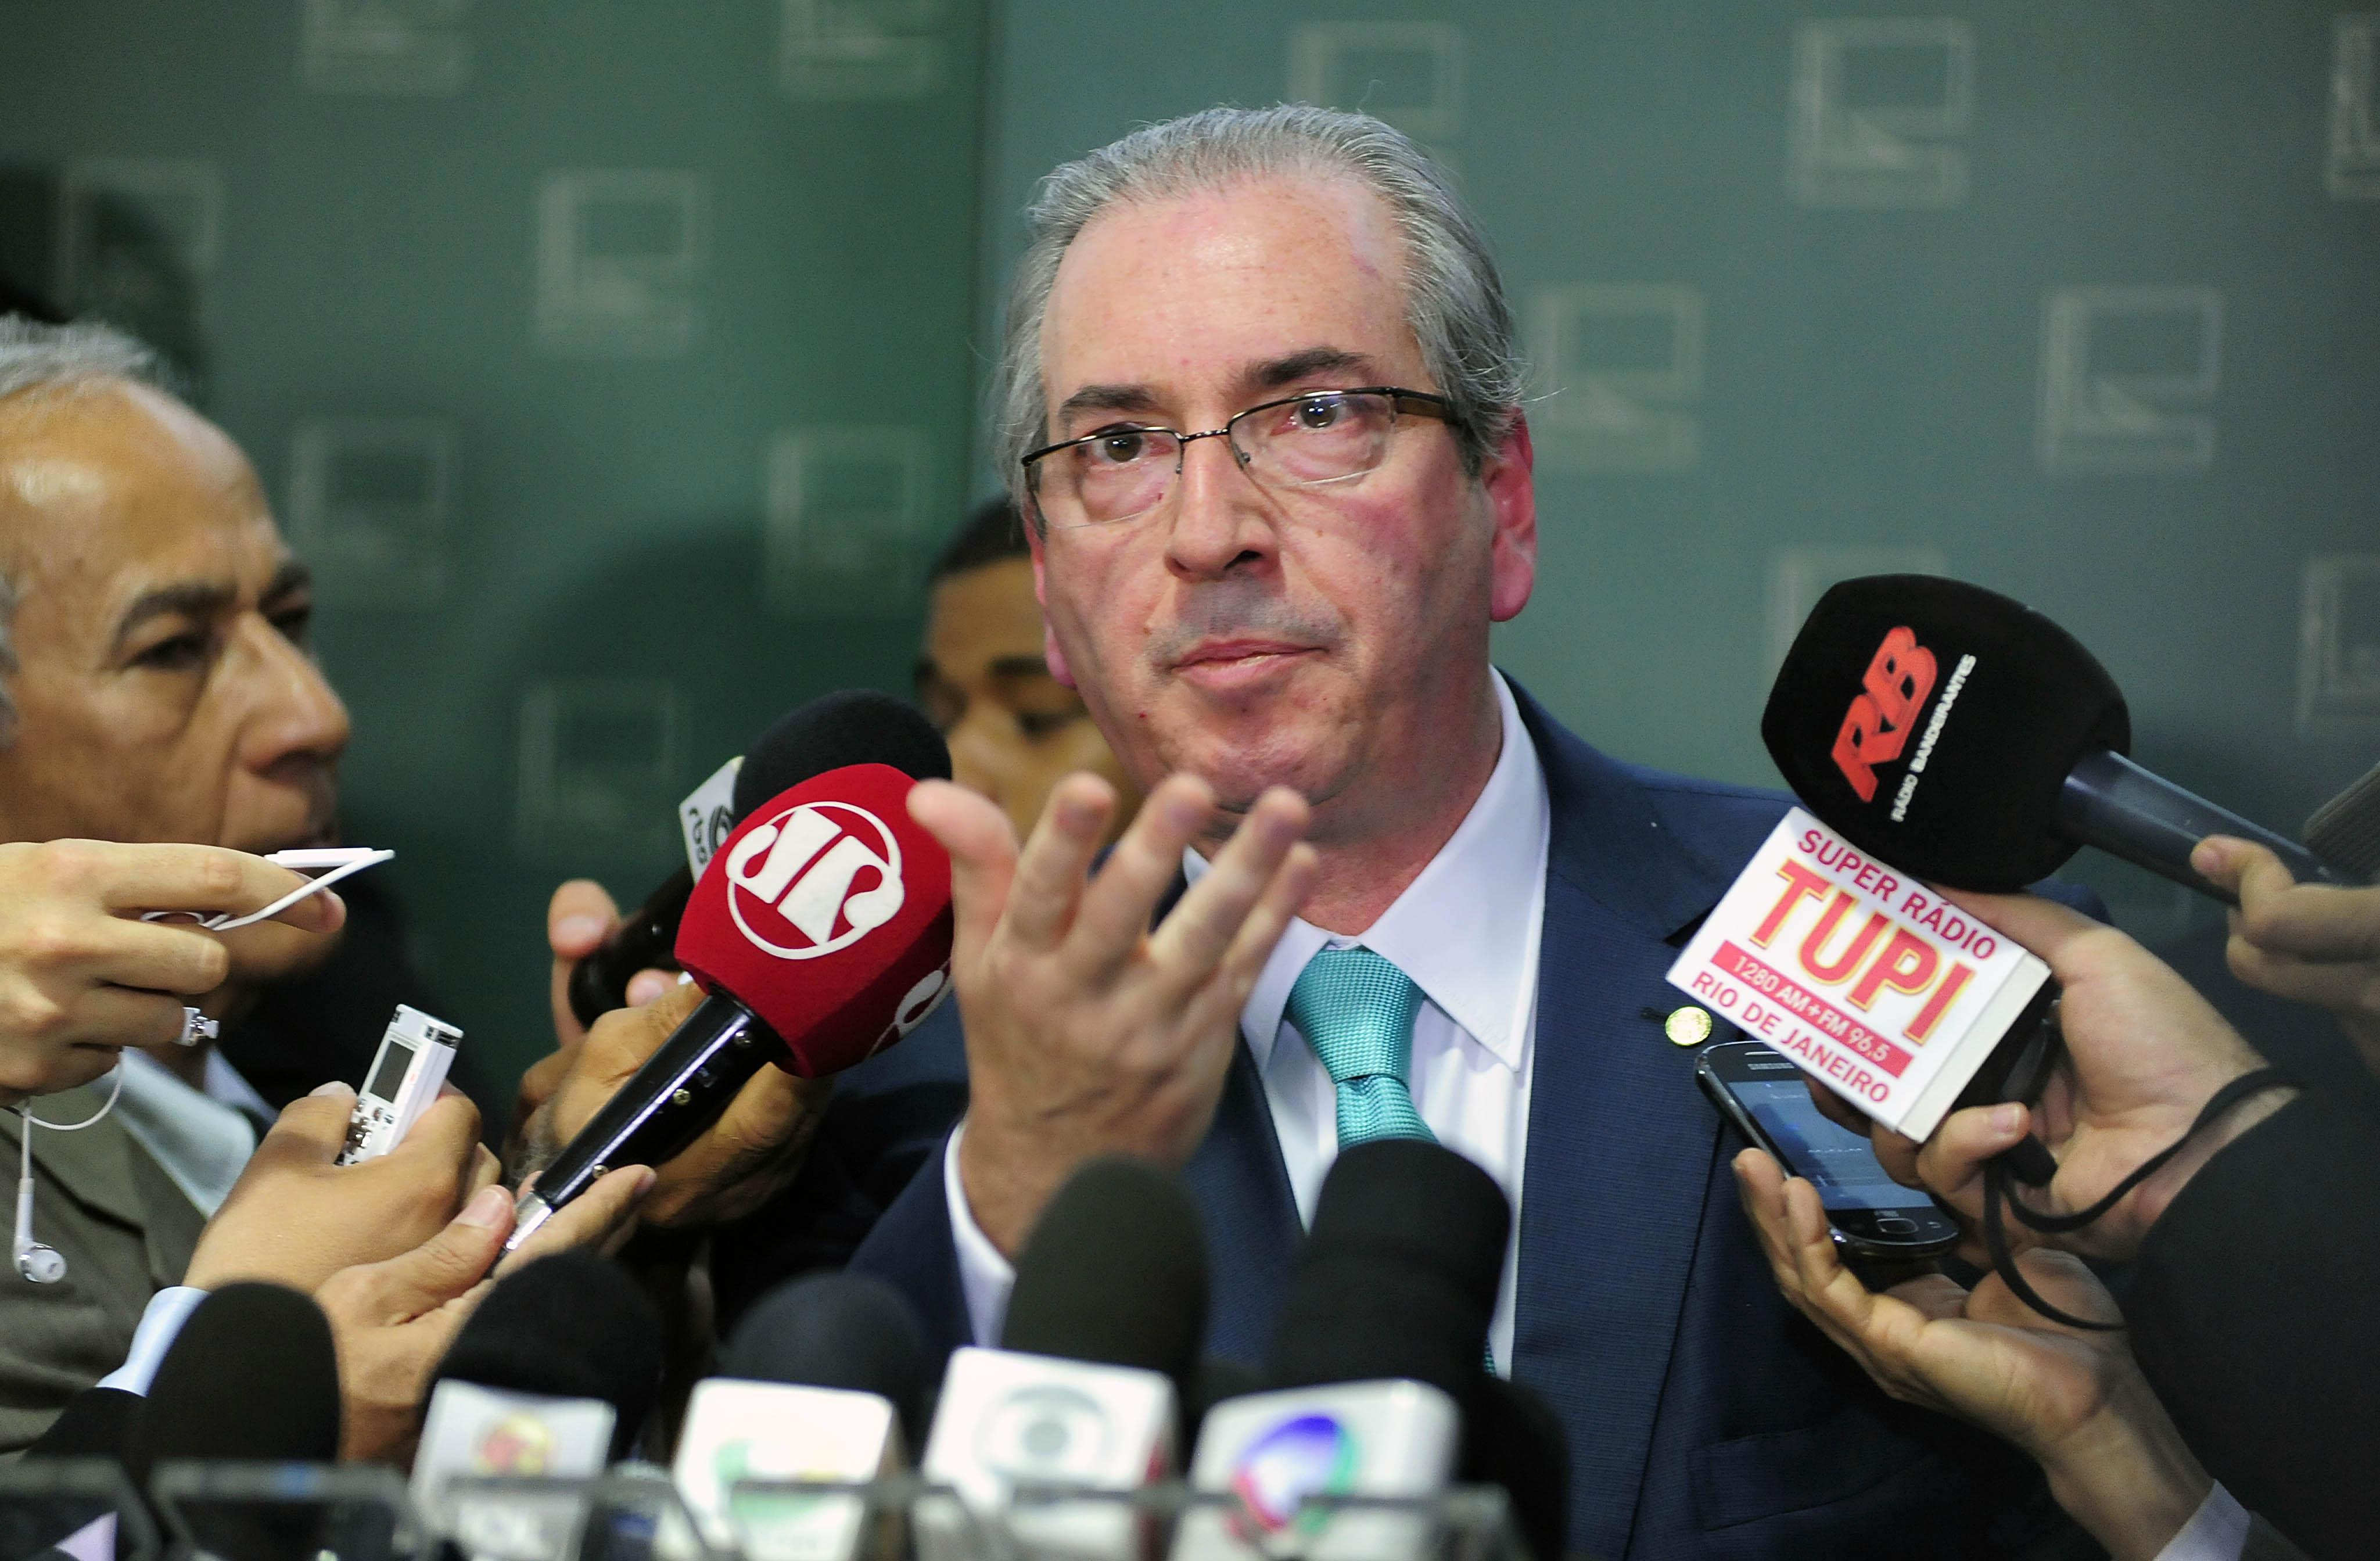 Presidente da Câmara Eduardo Cunha fala sobre a comissão especial para analisar o processo de impeachment da presidente de Dilma Roussef